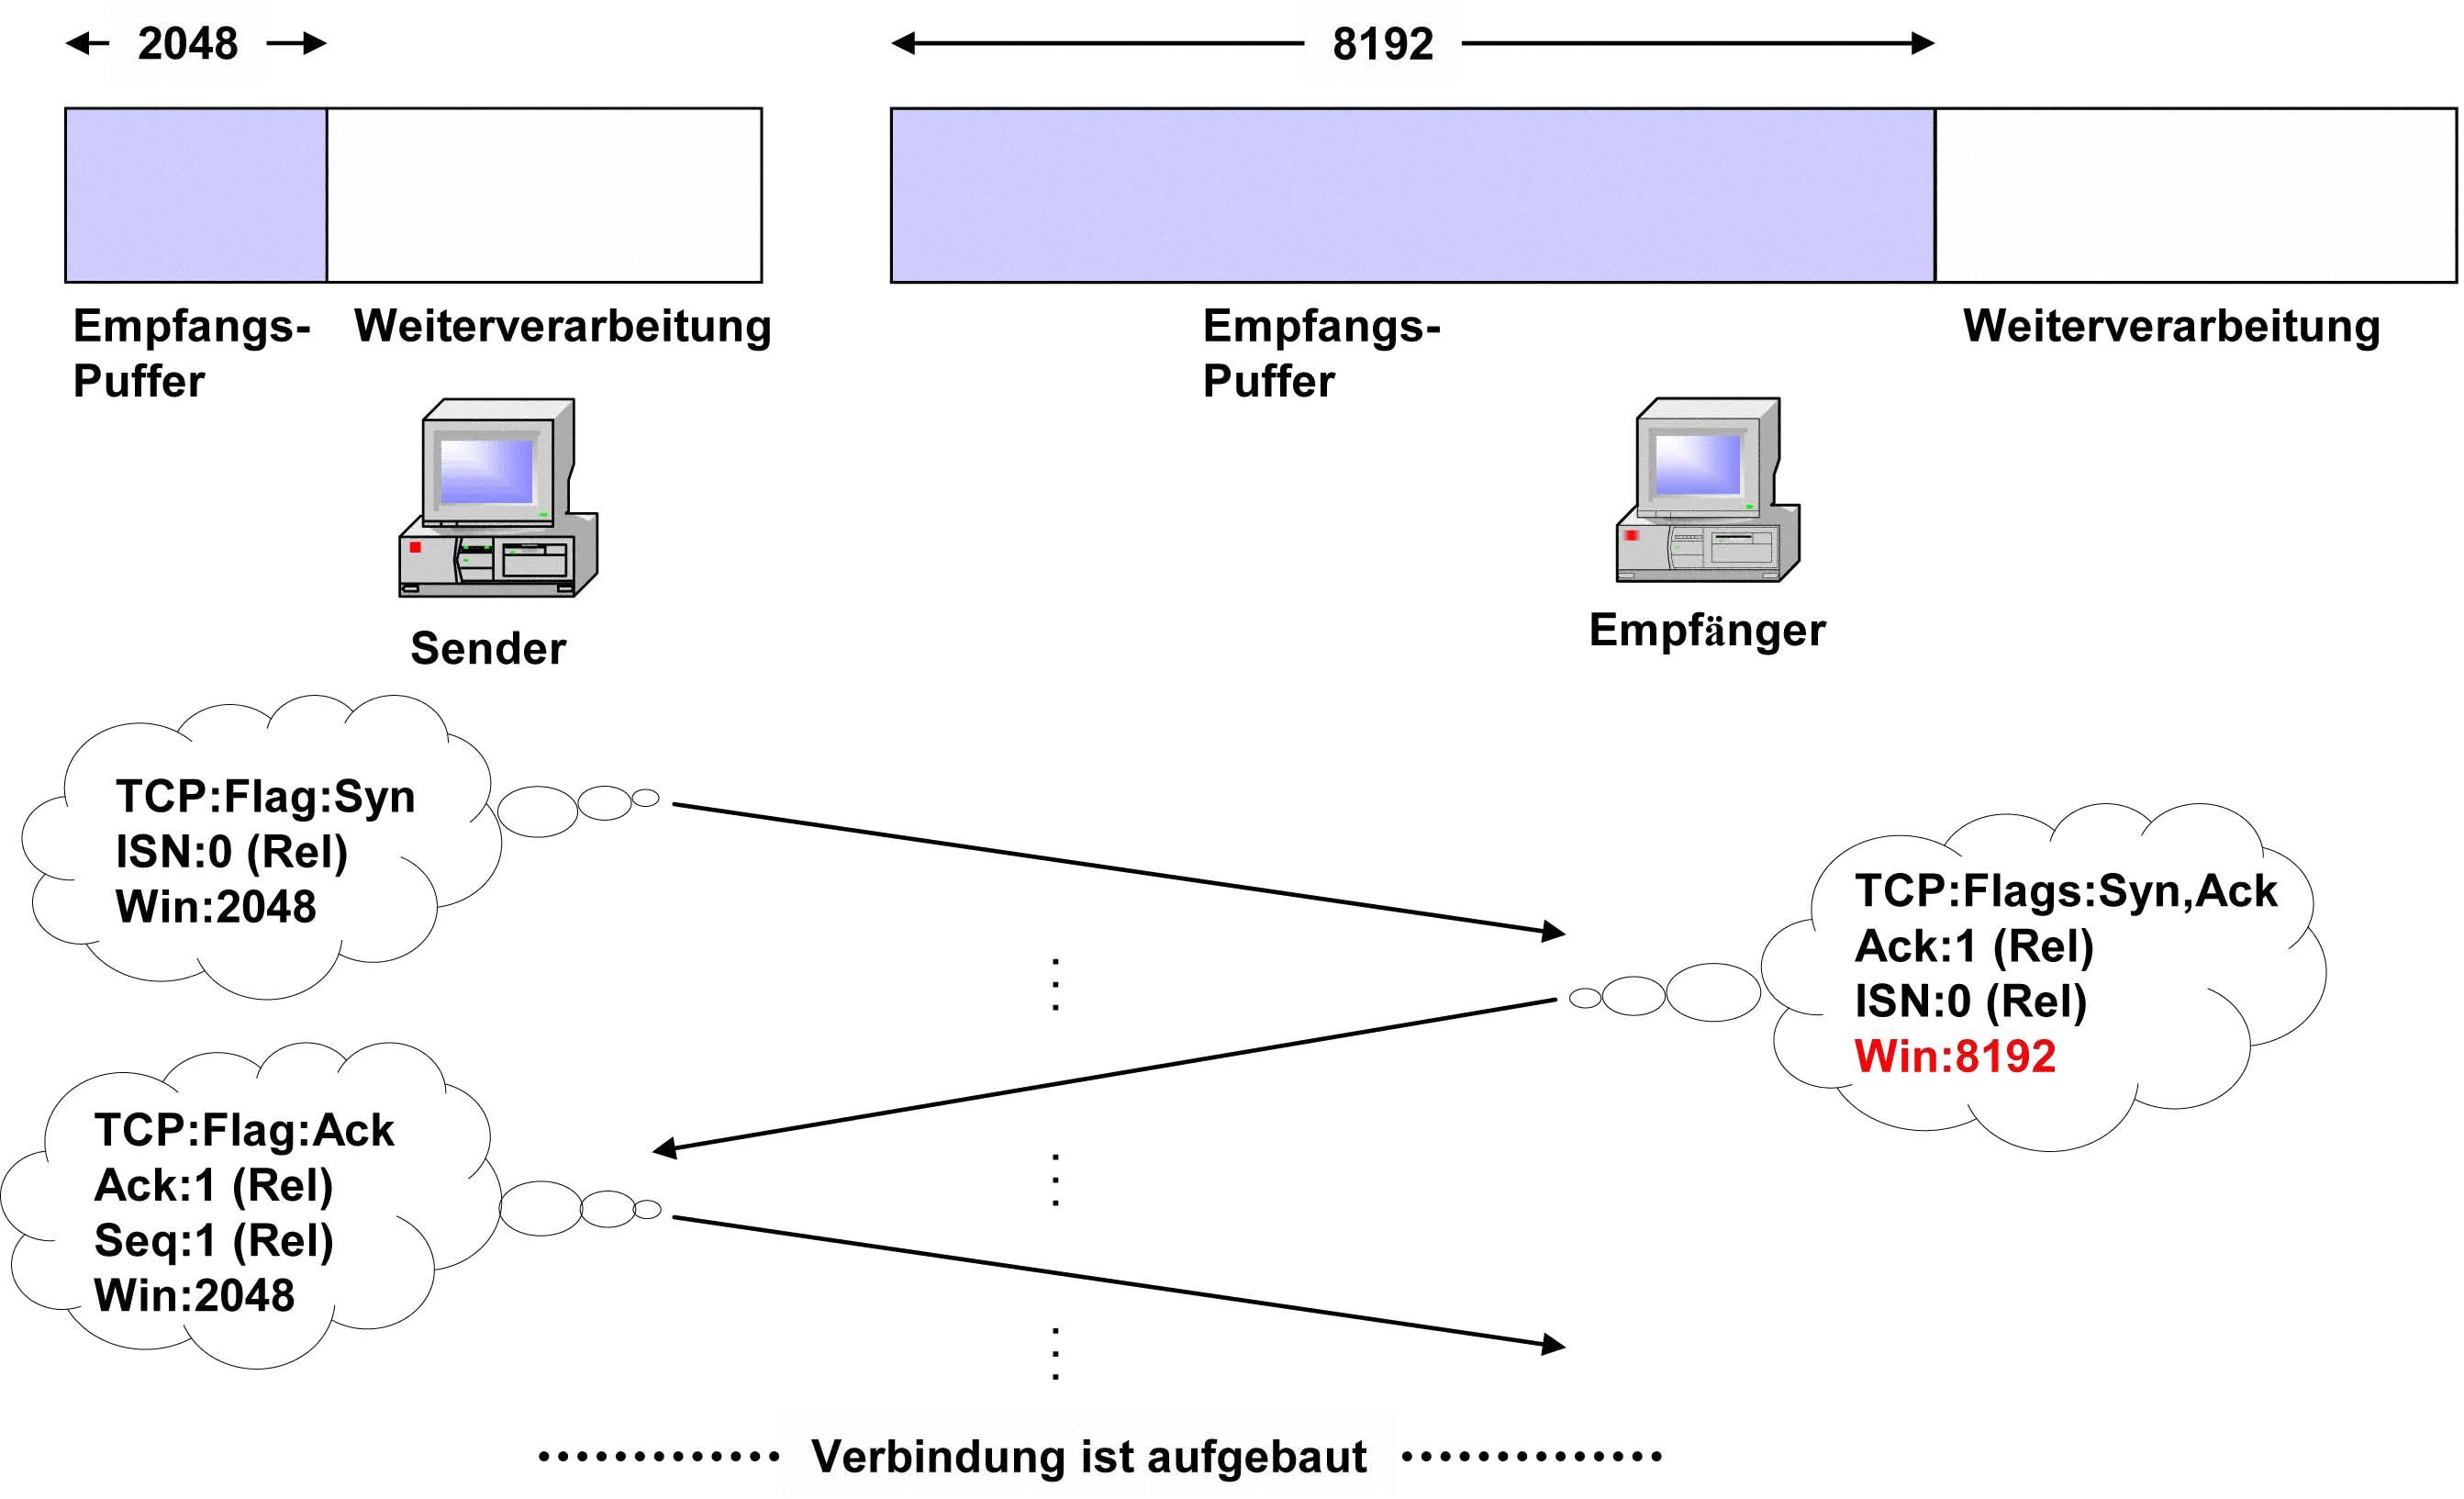 Schön 3 Wege Schema Ideen - Der Schaltplan - traveltopus.info